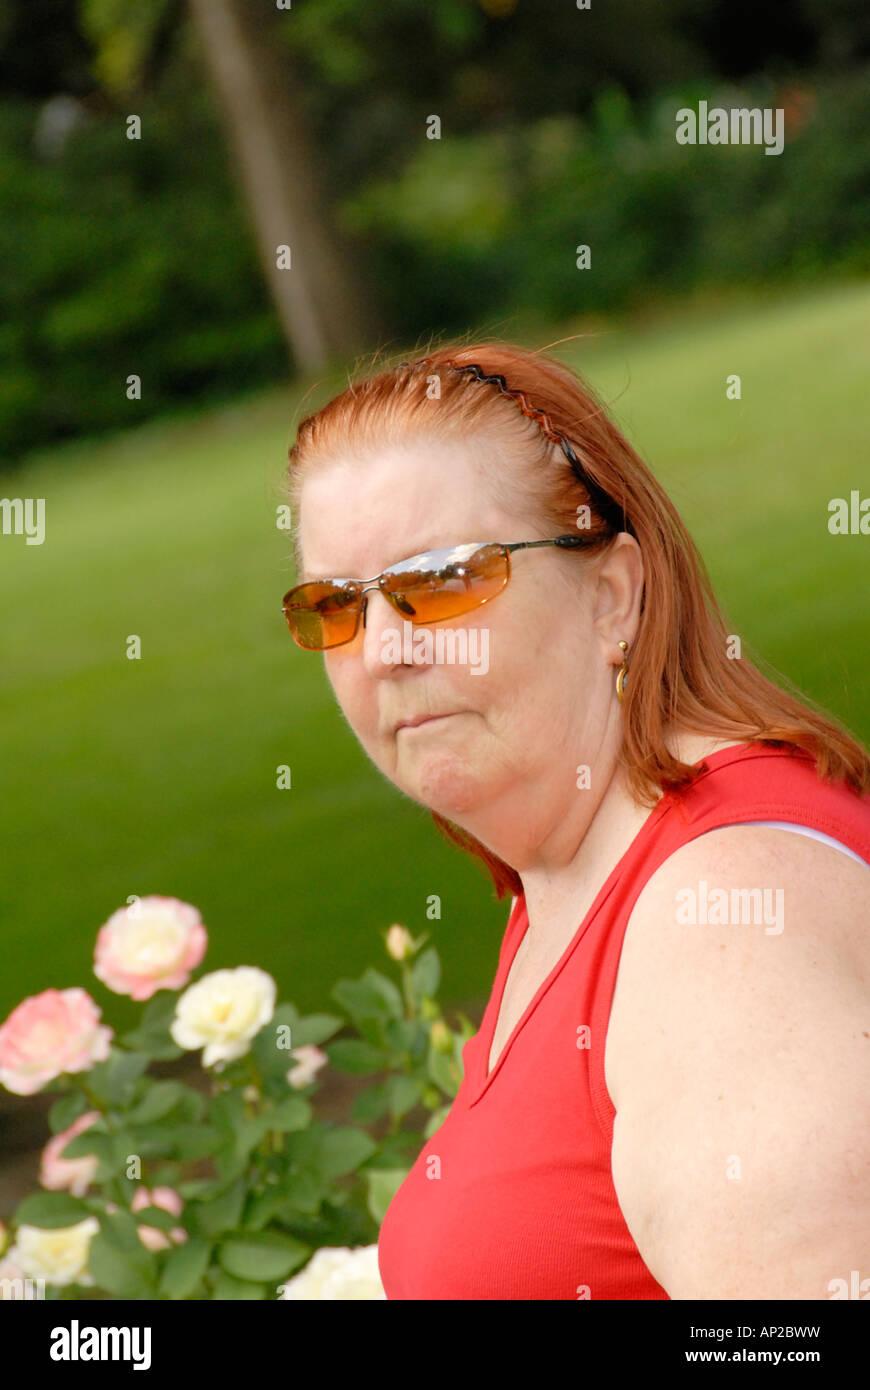 Femme avec des lunettes de soleil dans un jardin de roses Photo Stock d0a35216a78e